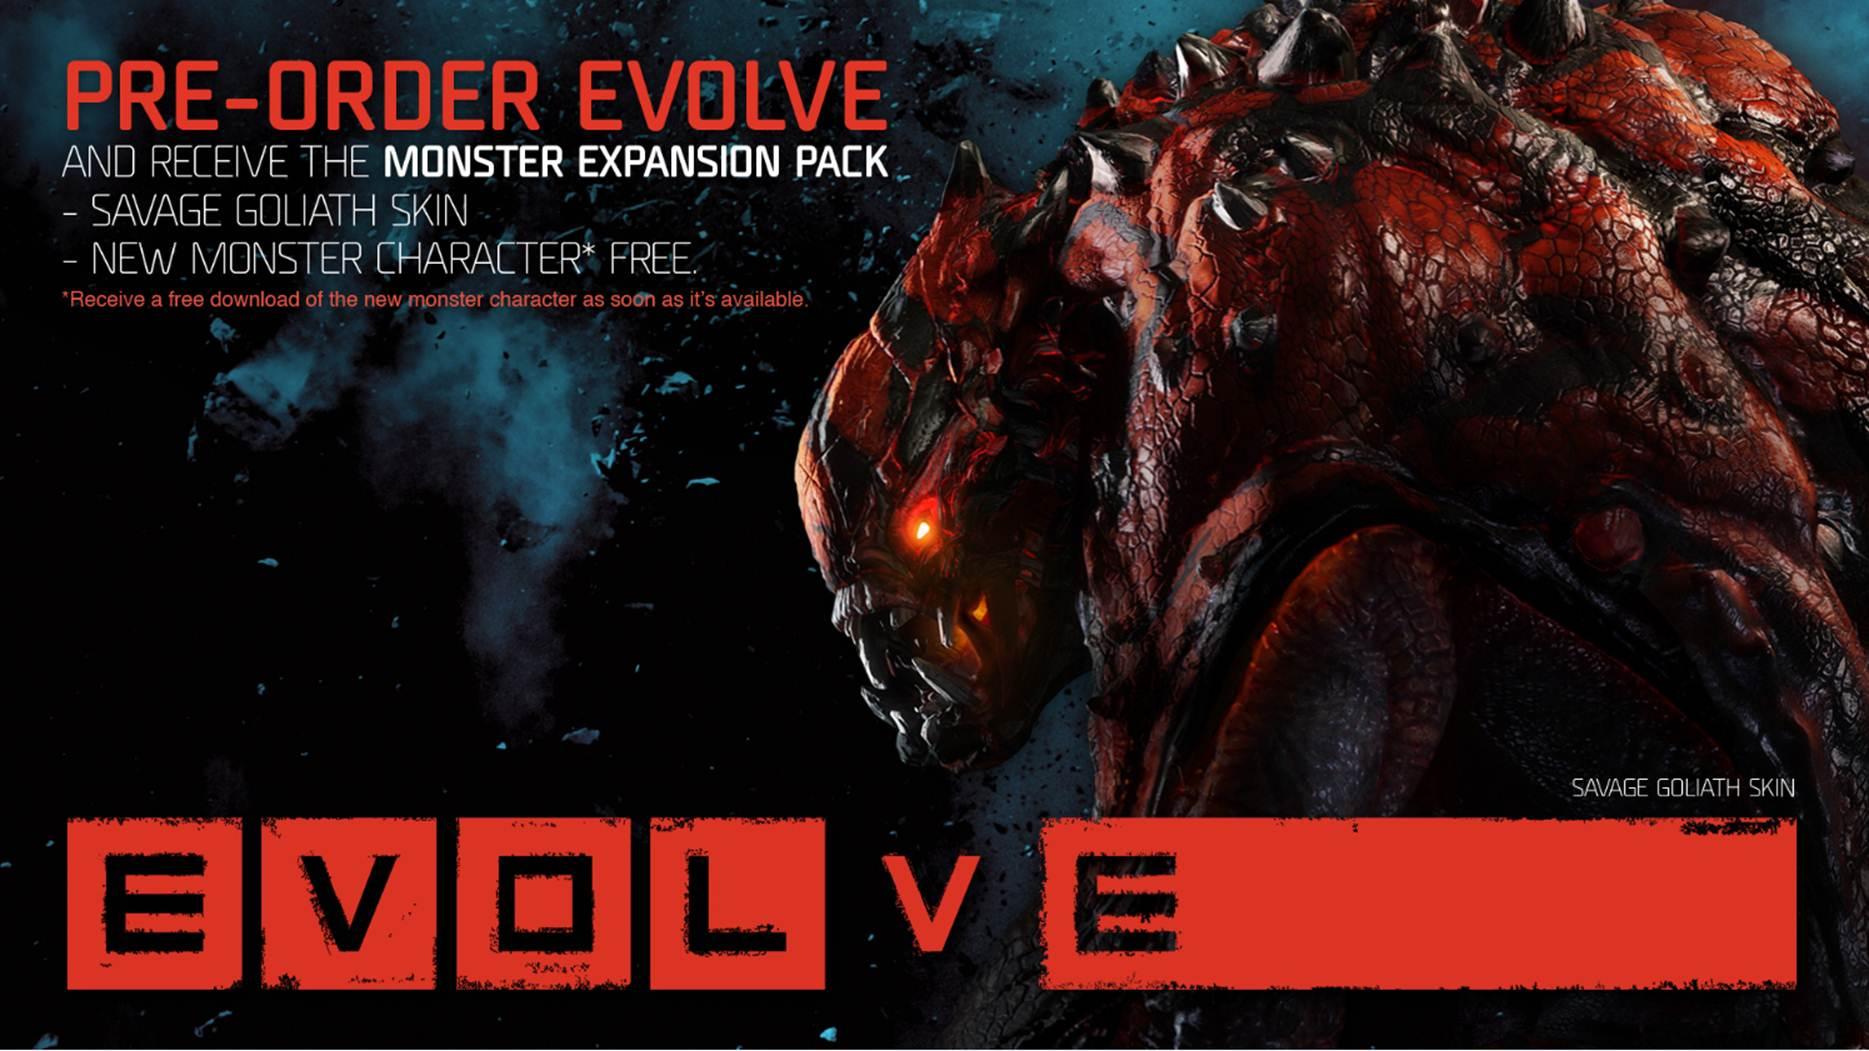 pre-order evolve